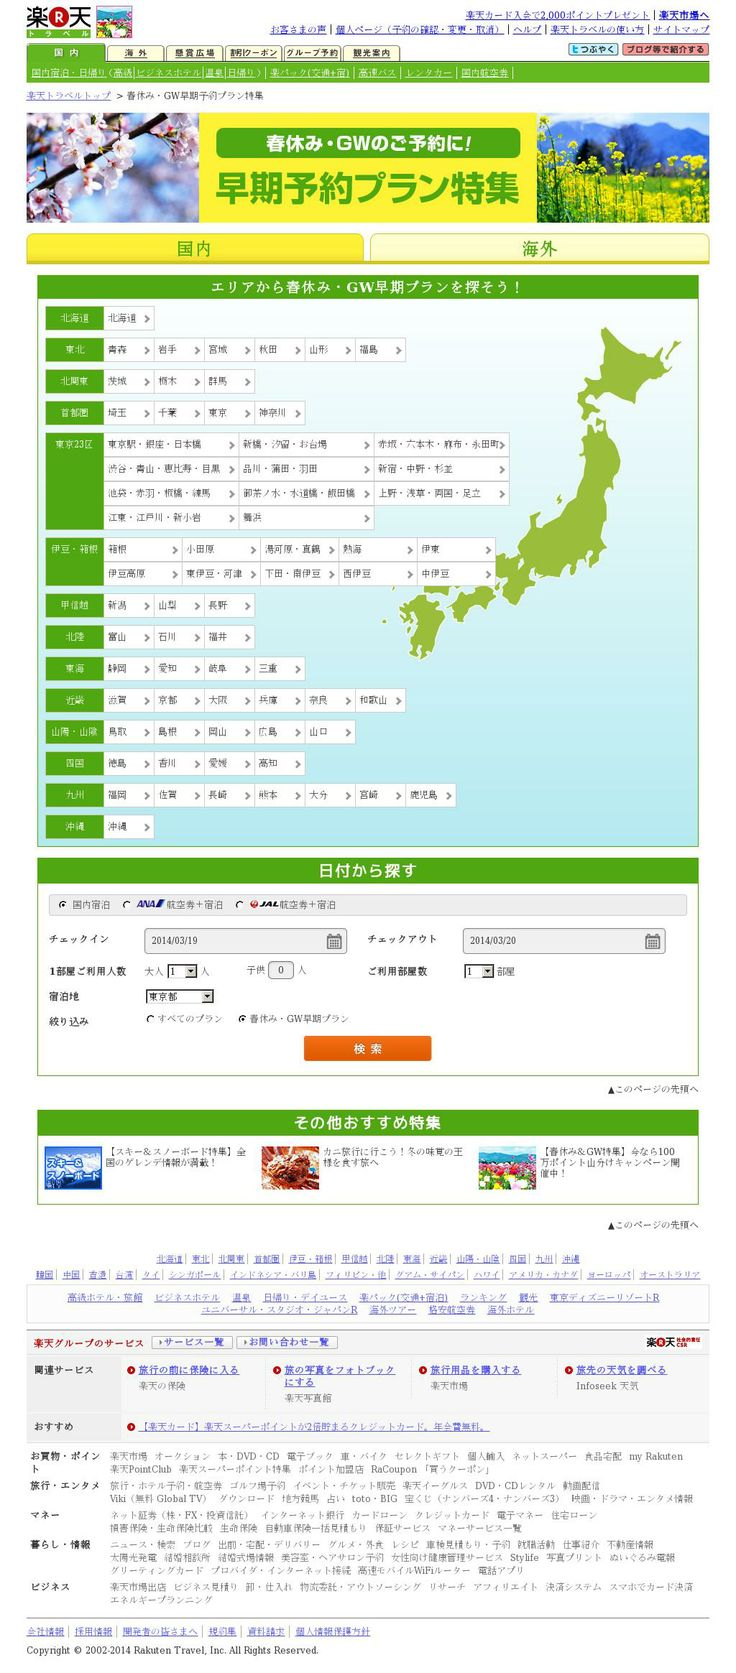 【D】2014/02/20春休み&GW早期特集【春得】